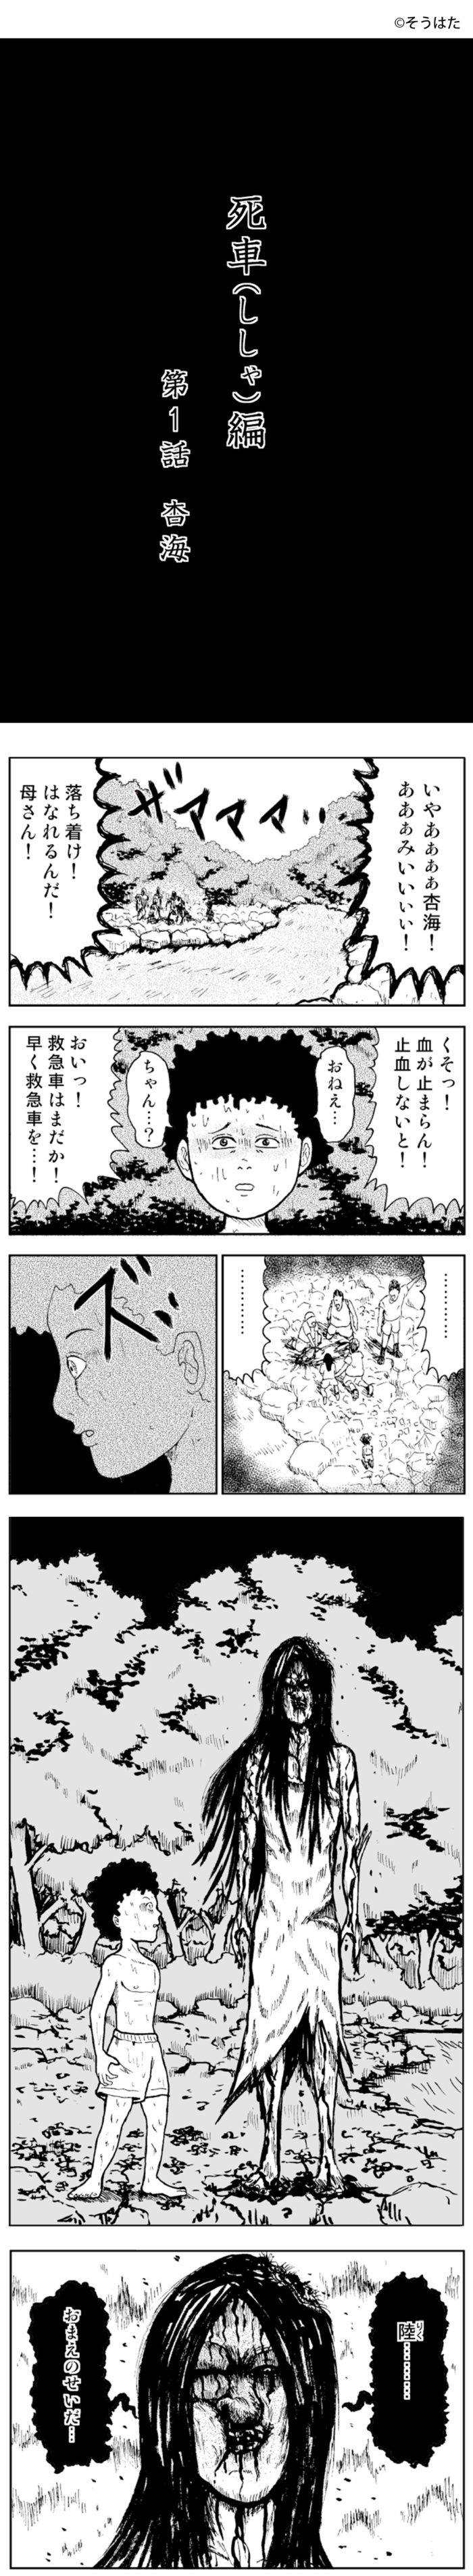 ningen-girai-01-01